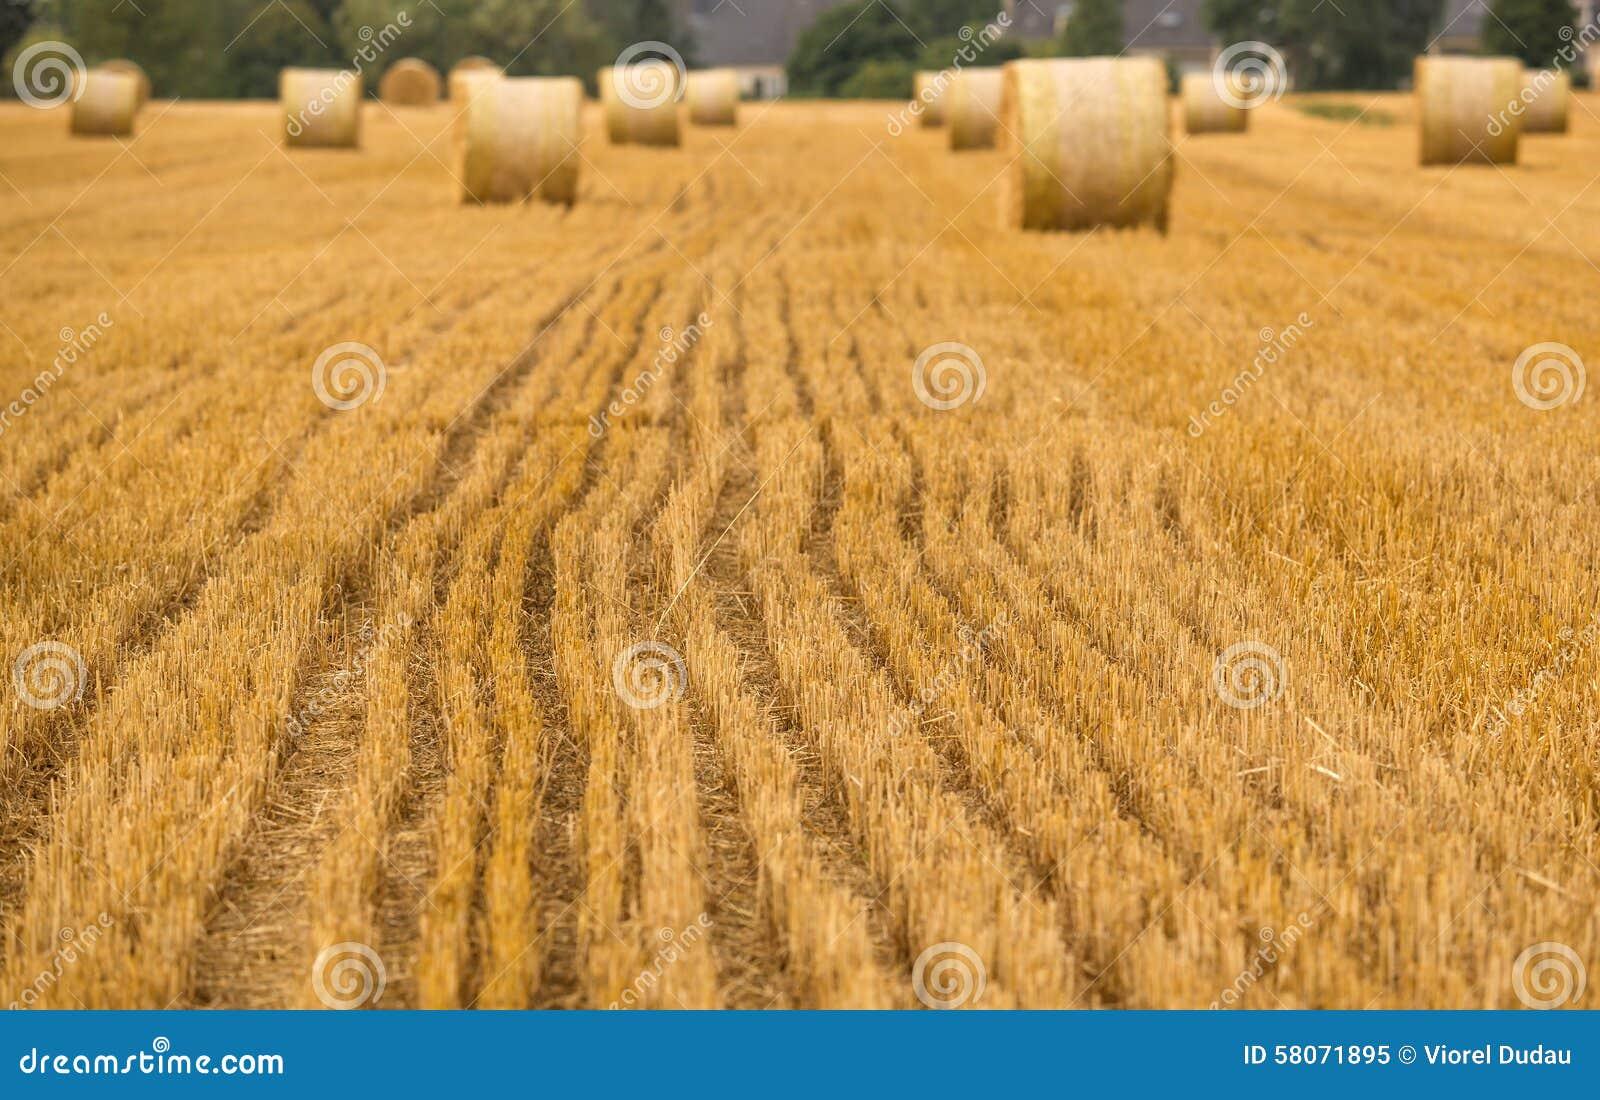 Åkerbruka fältdetaljer